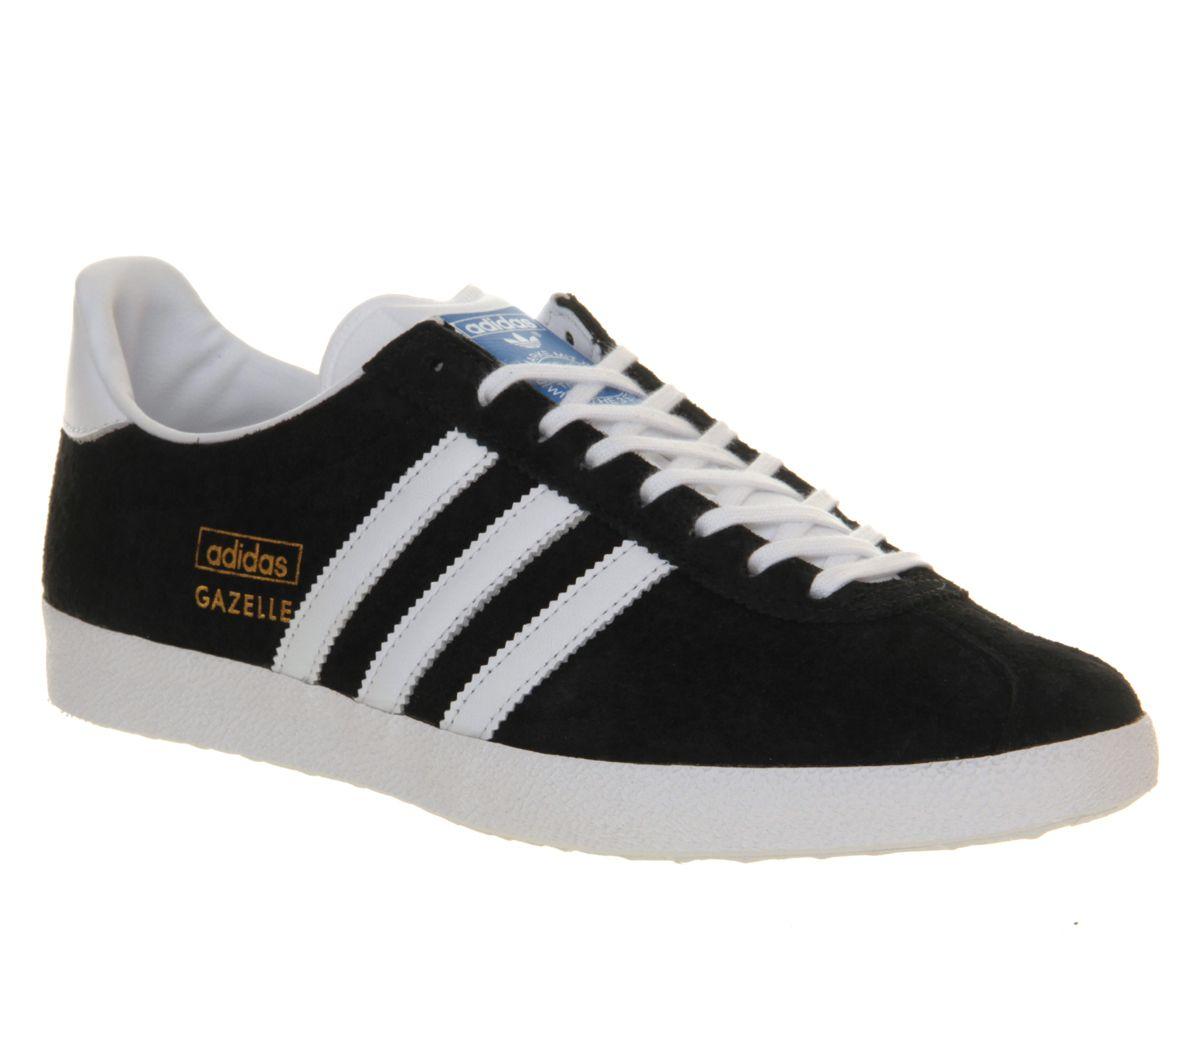 shoes, Adidas gazelle